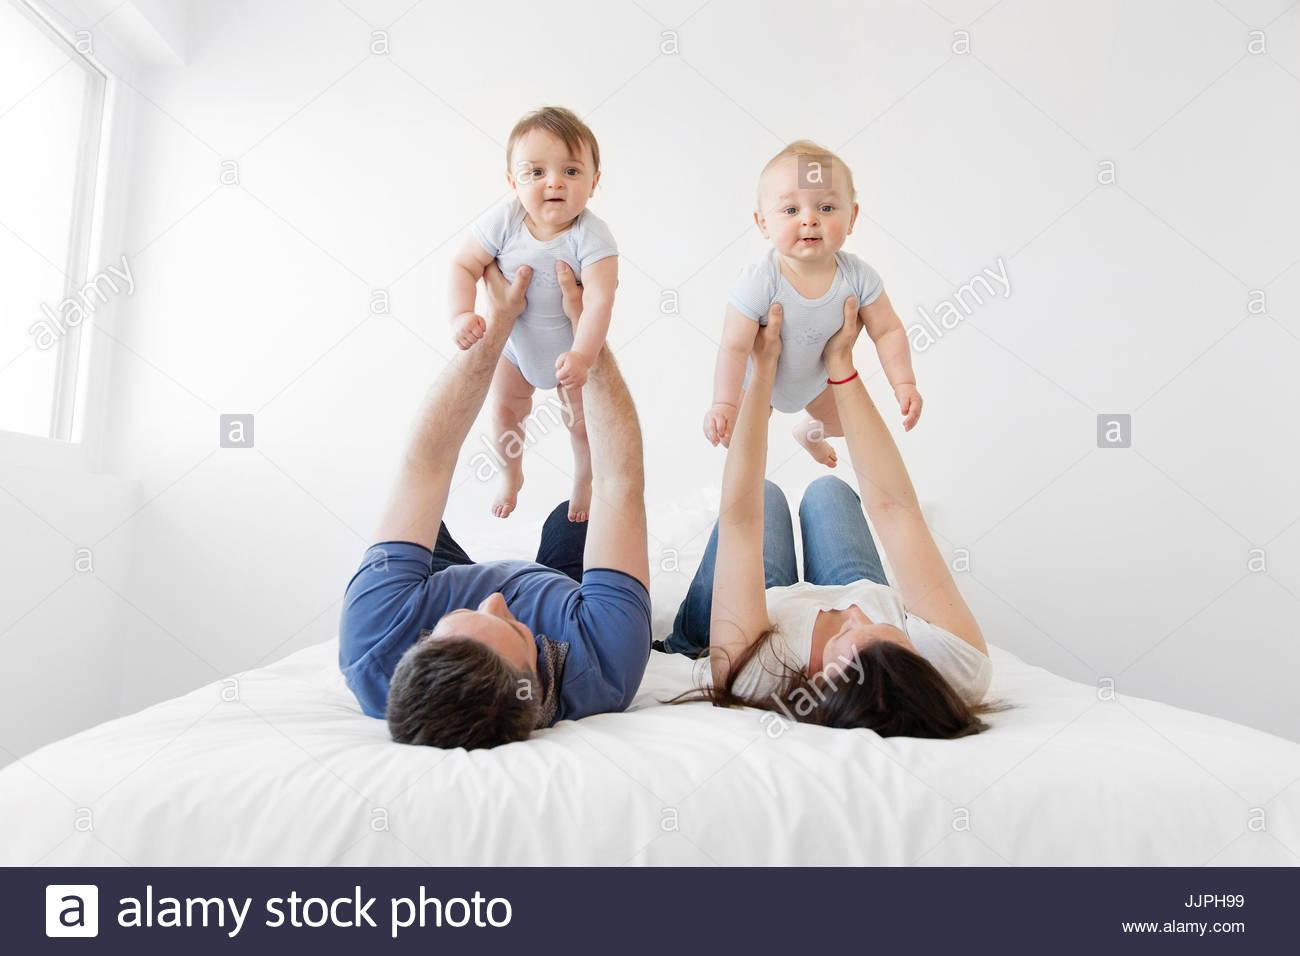 Mann und Frau nebeneinander liegend auf dem Rücken auf einem Bett, jeden Betrieb empor Babyjungen. Stockbild